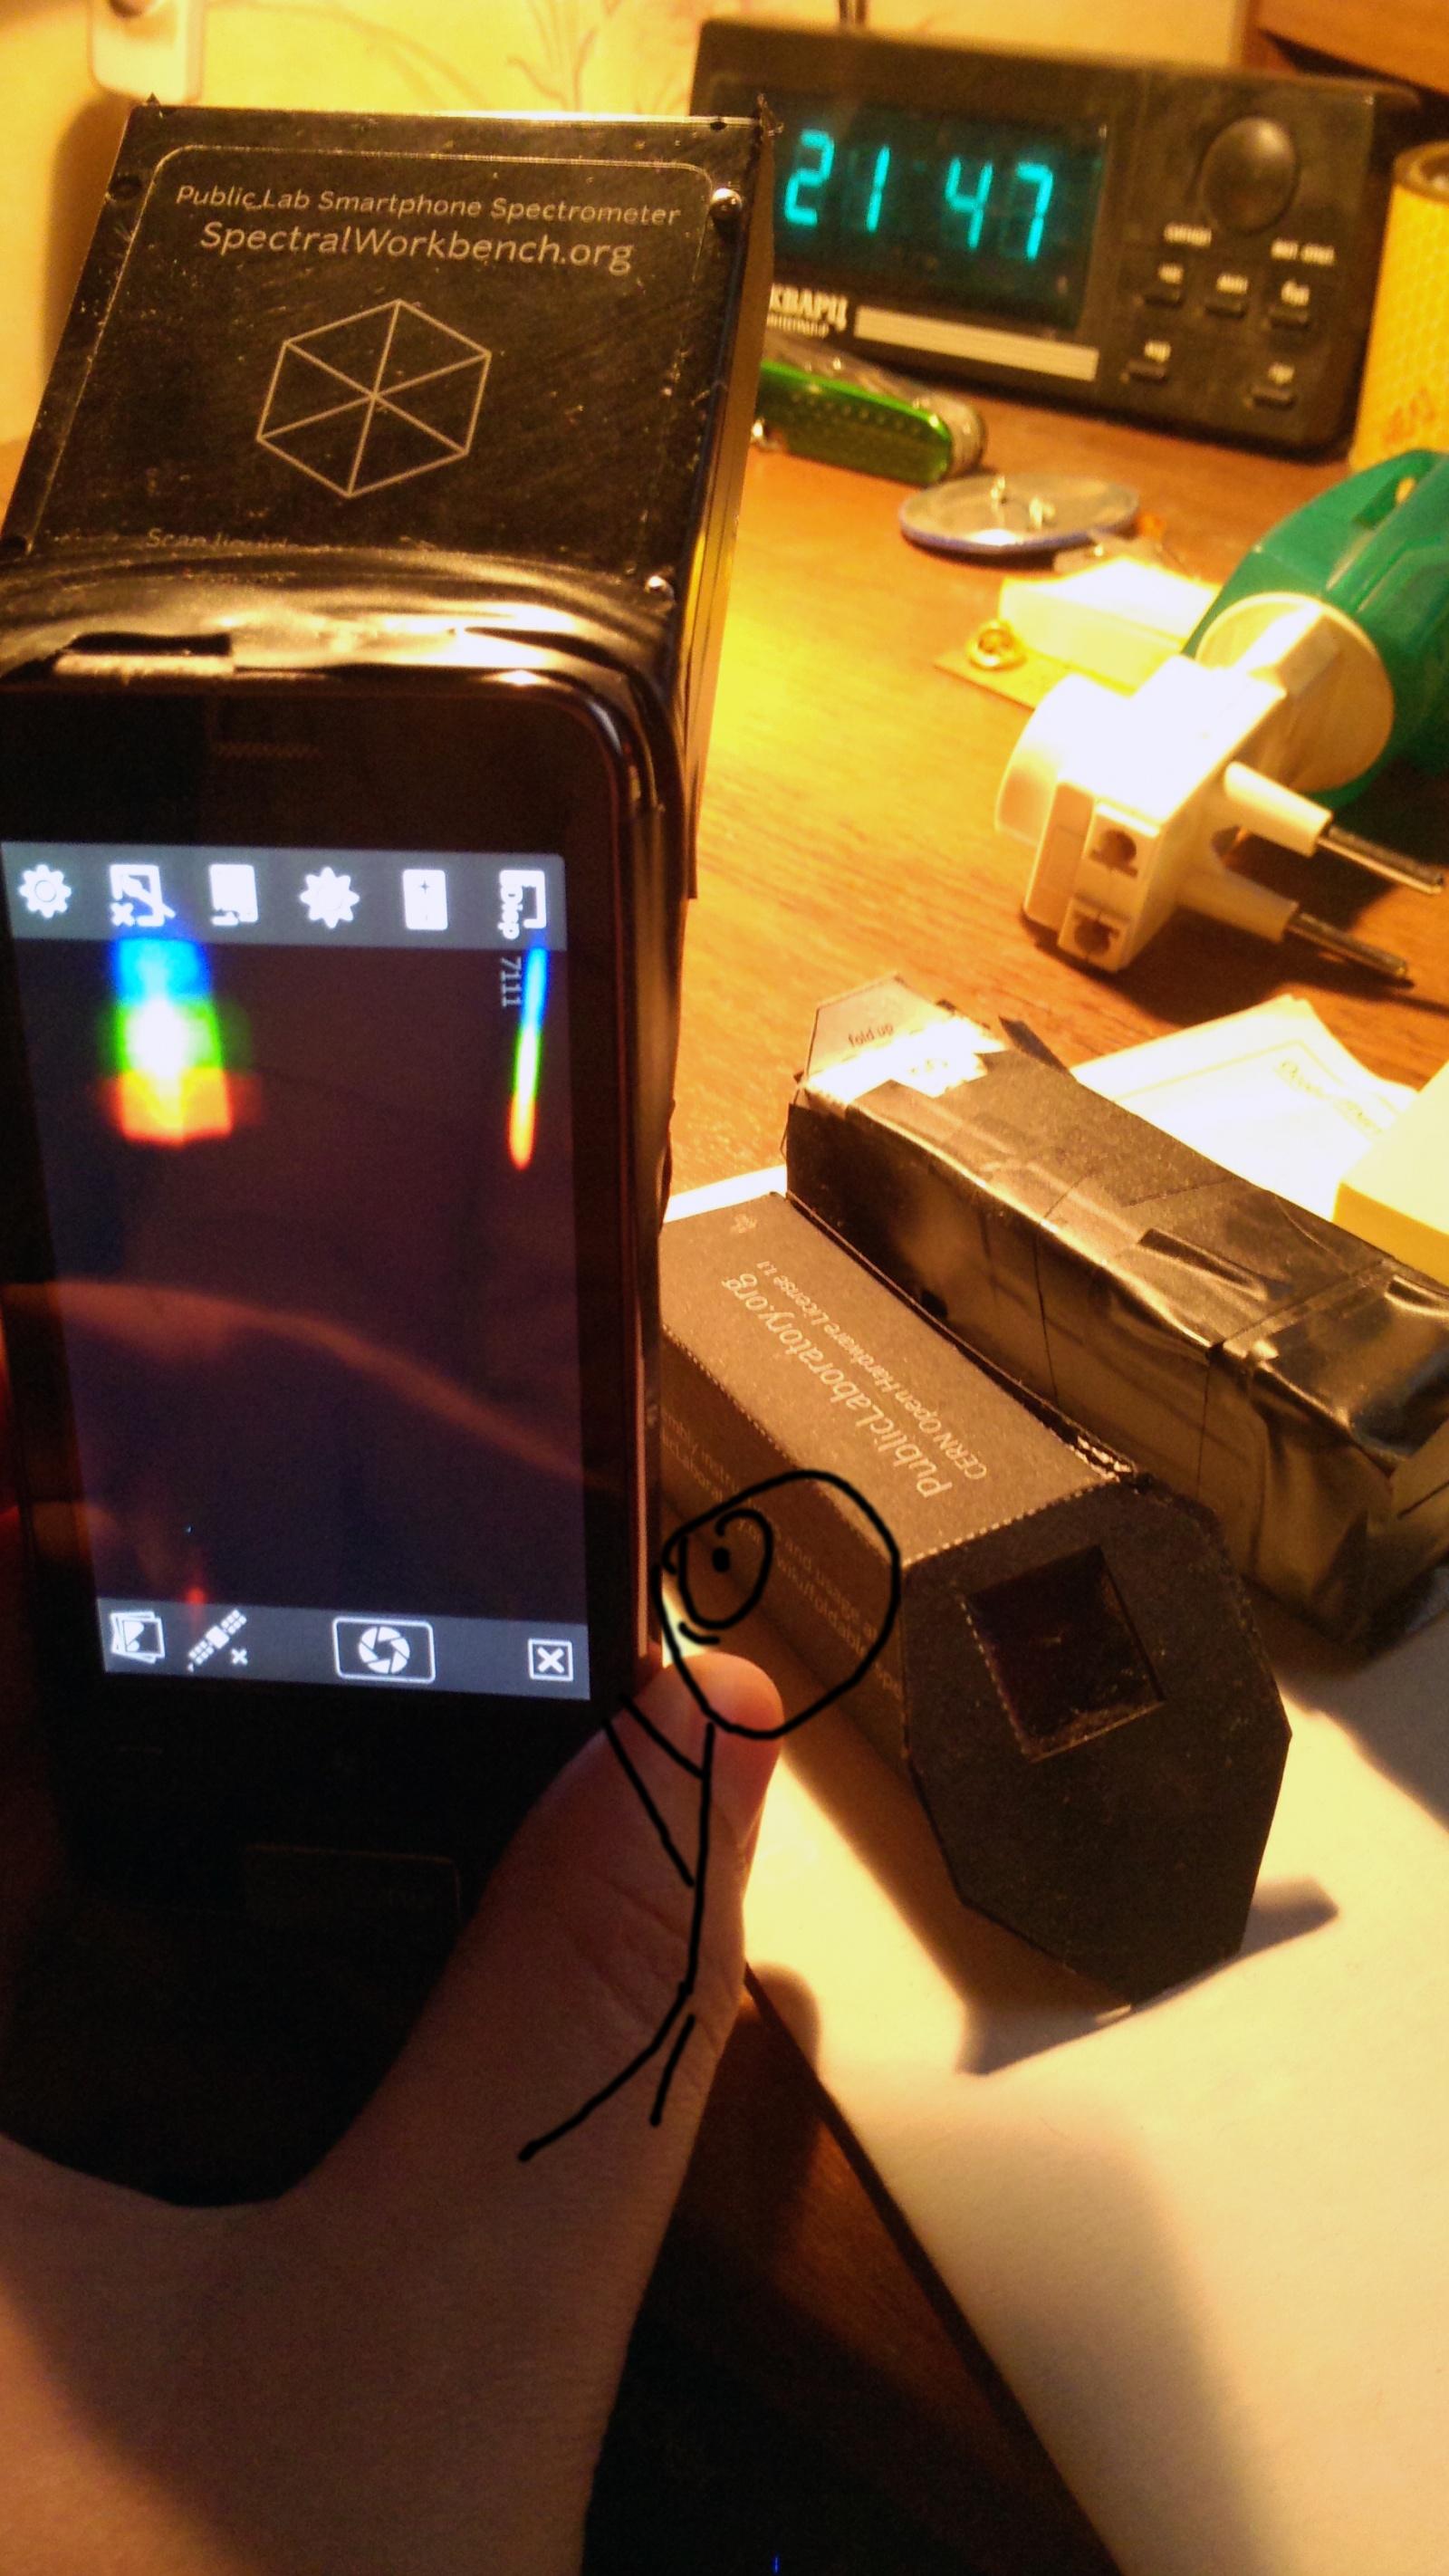 Сказ о том как спектральные характеристики освещения влияют на нашу жизнь - 16